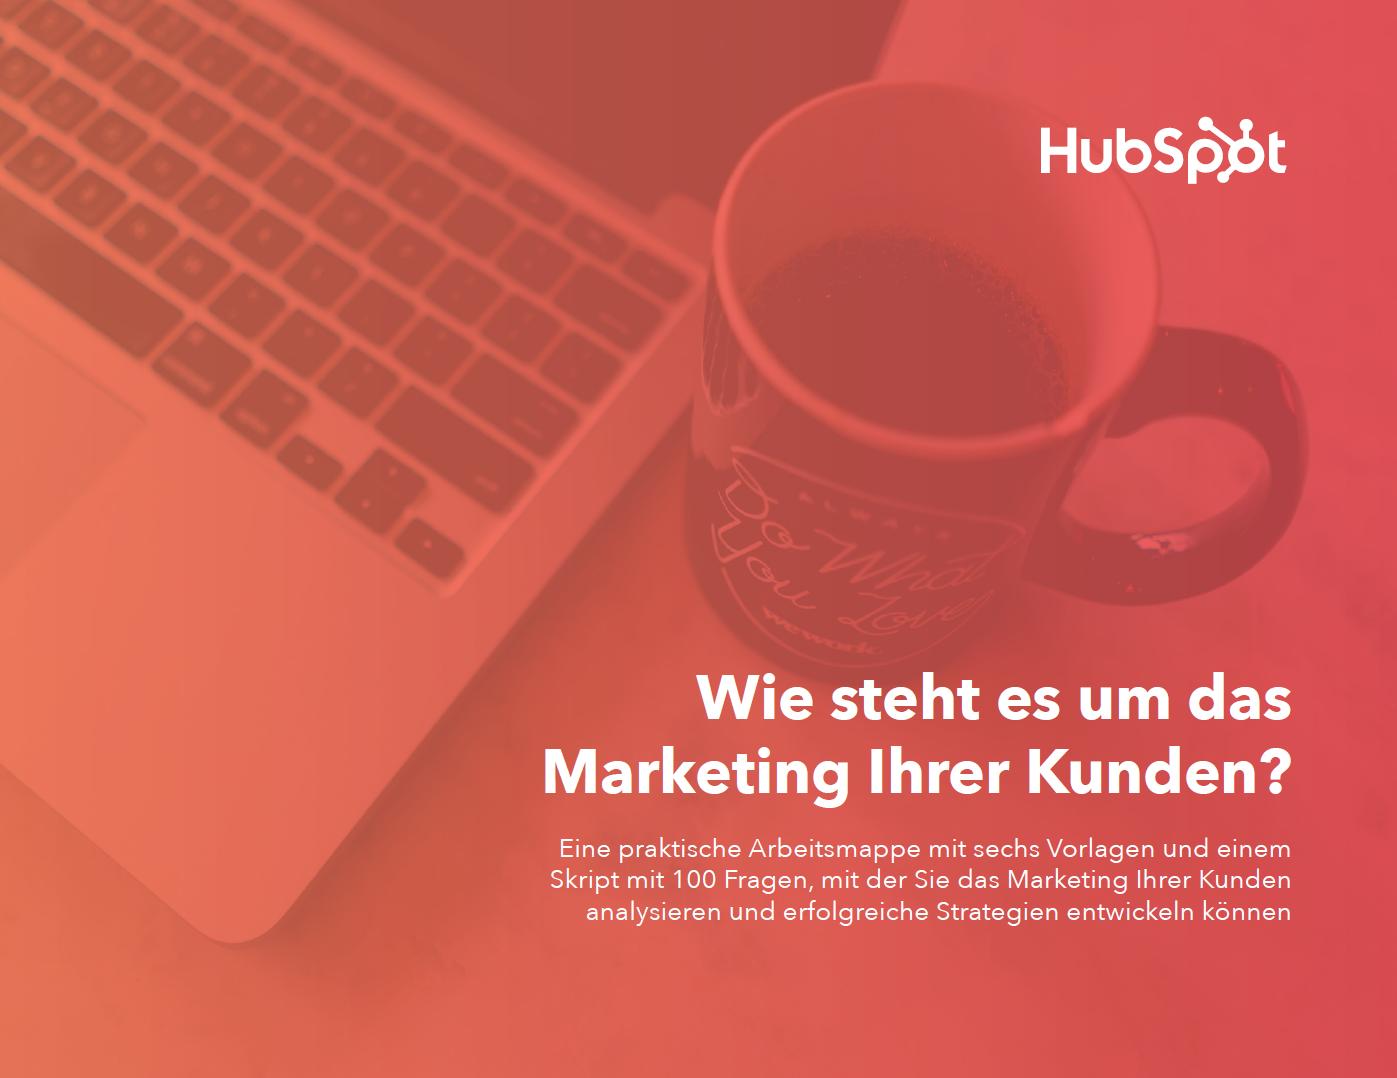 HubSpot - Arbeitsmappe für Marketing-Audits - Vorschau 2